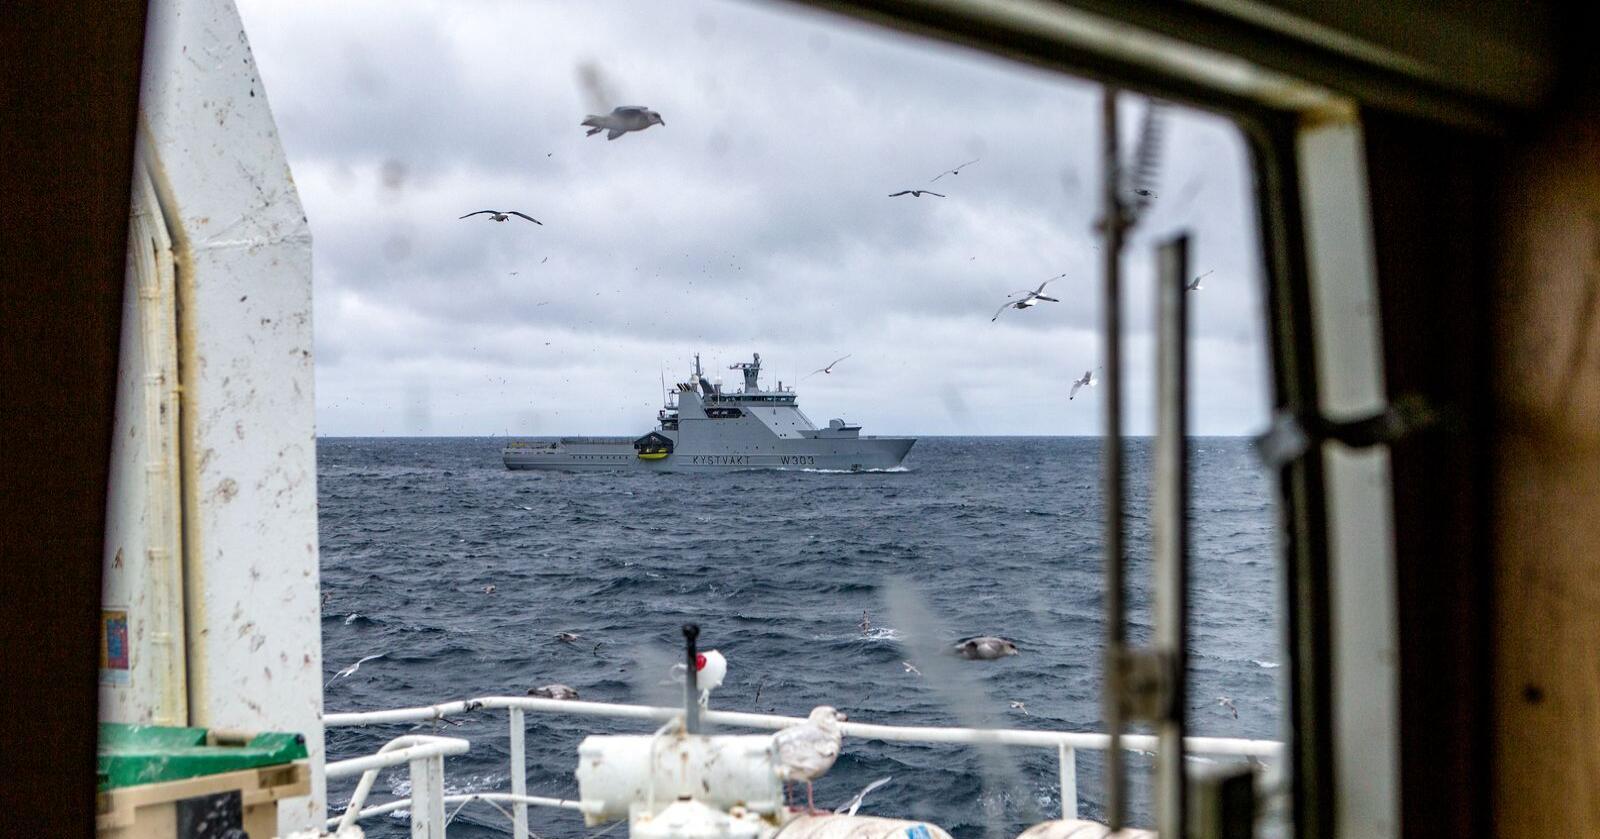 Kystvakten må fortsatt følge med i Svalbardsonen - selv om ny kvoteavtale mellom Norge og EU er på plass. Uenighetene om snøkrabne og torskekvoter fortsetter. Foto: Betzy Hanninen/Forsvaret